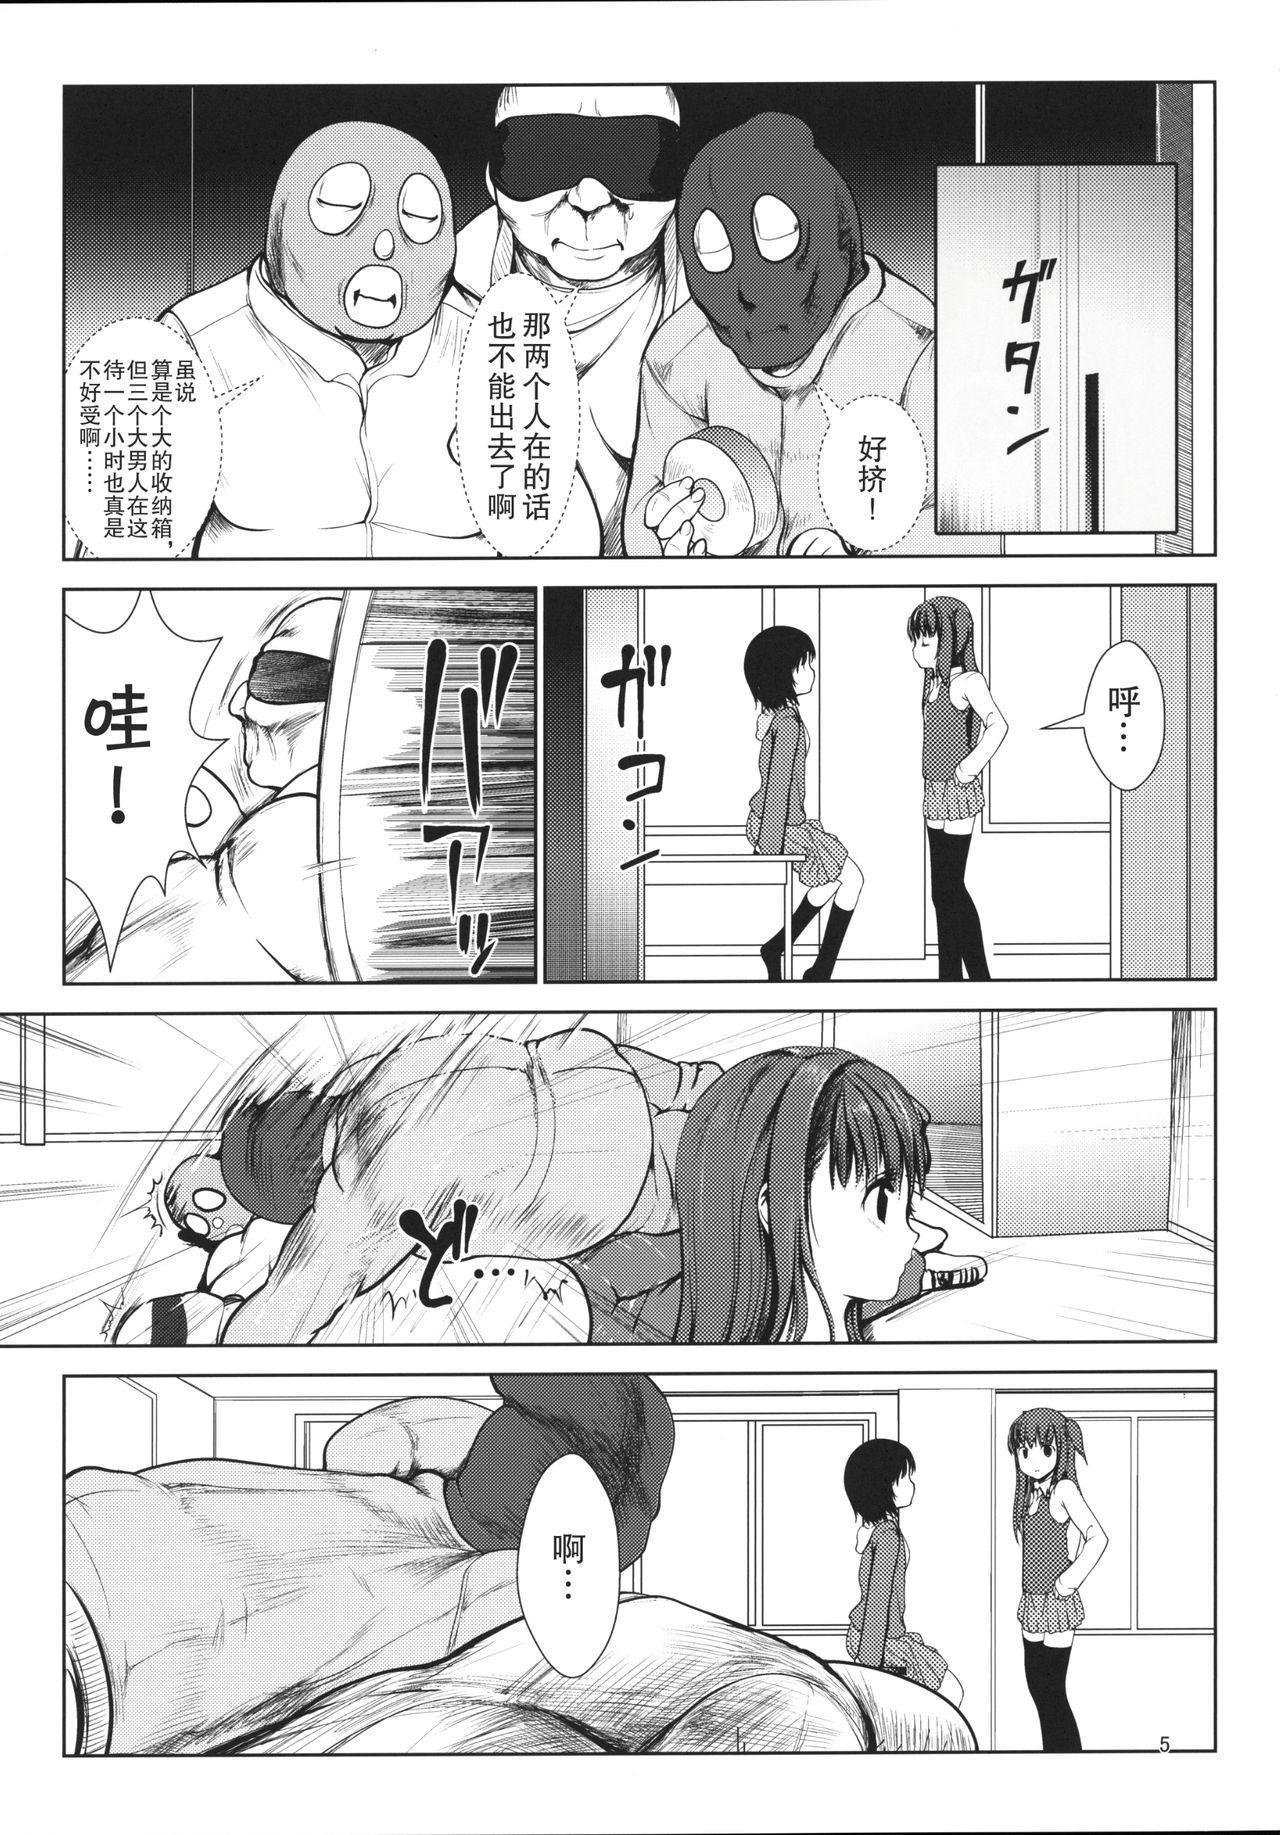 Ryoujoku no Houkago 4